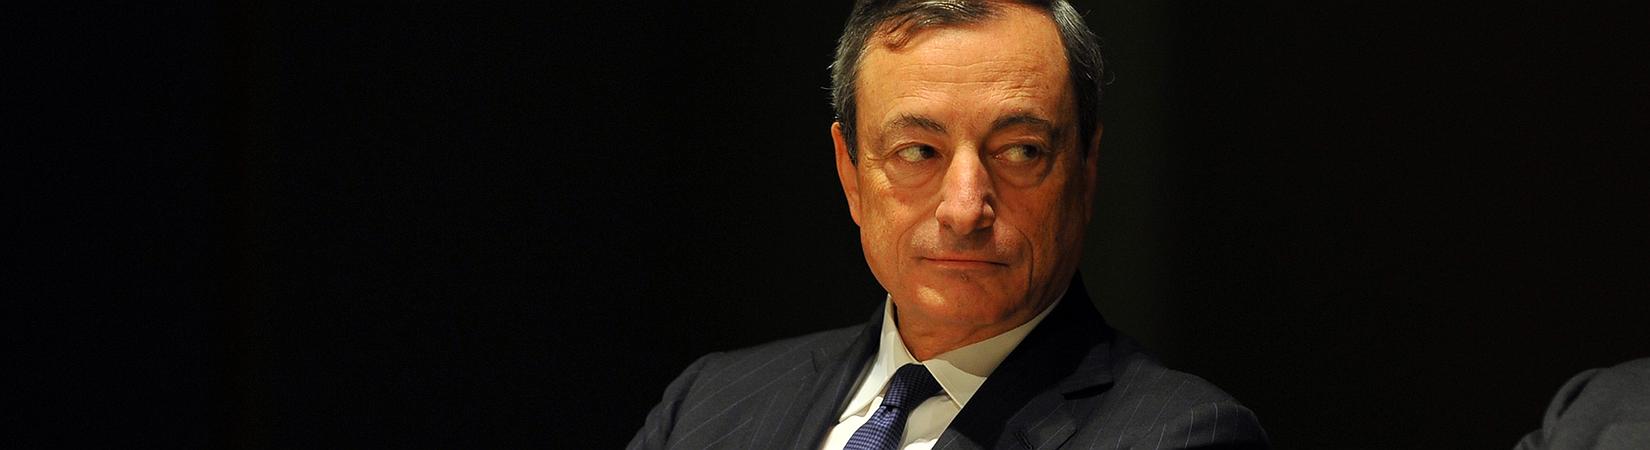 """Mario Draghi: """"La Bce non ha il potere di proibire o regolamentare le criptovalute"""""""